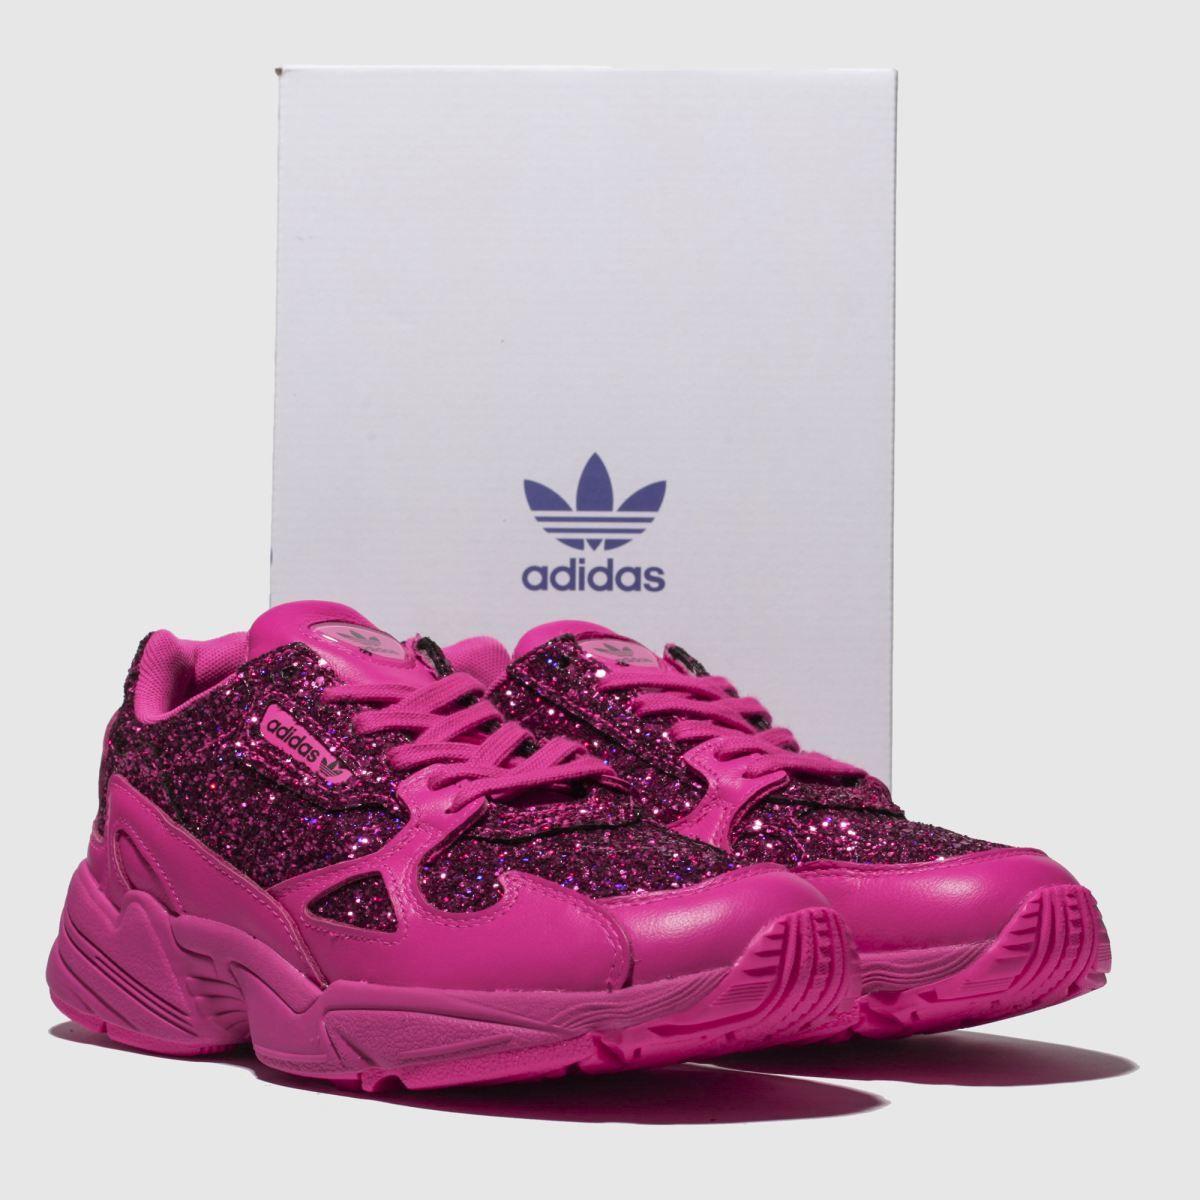 adidas falcon rosa glitter